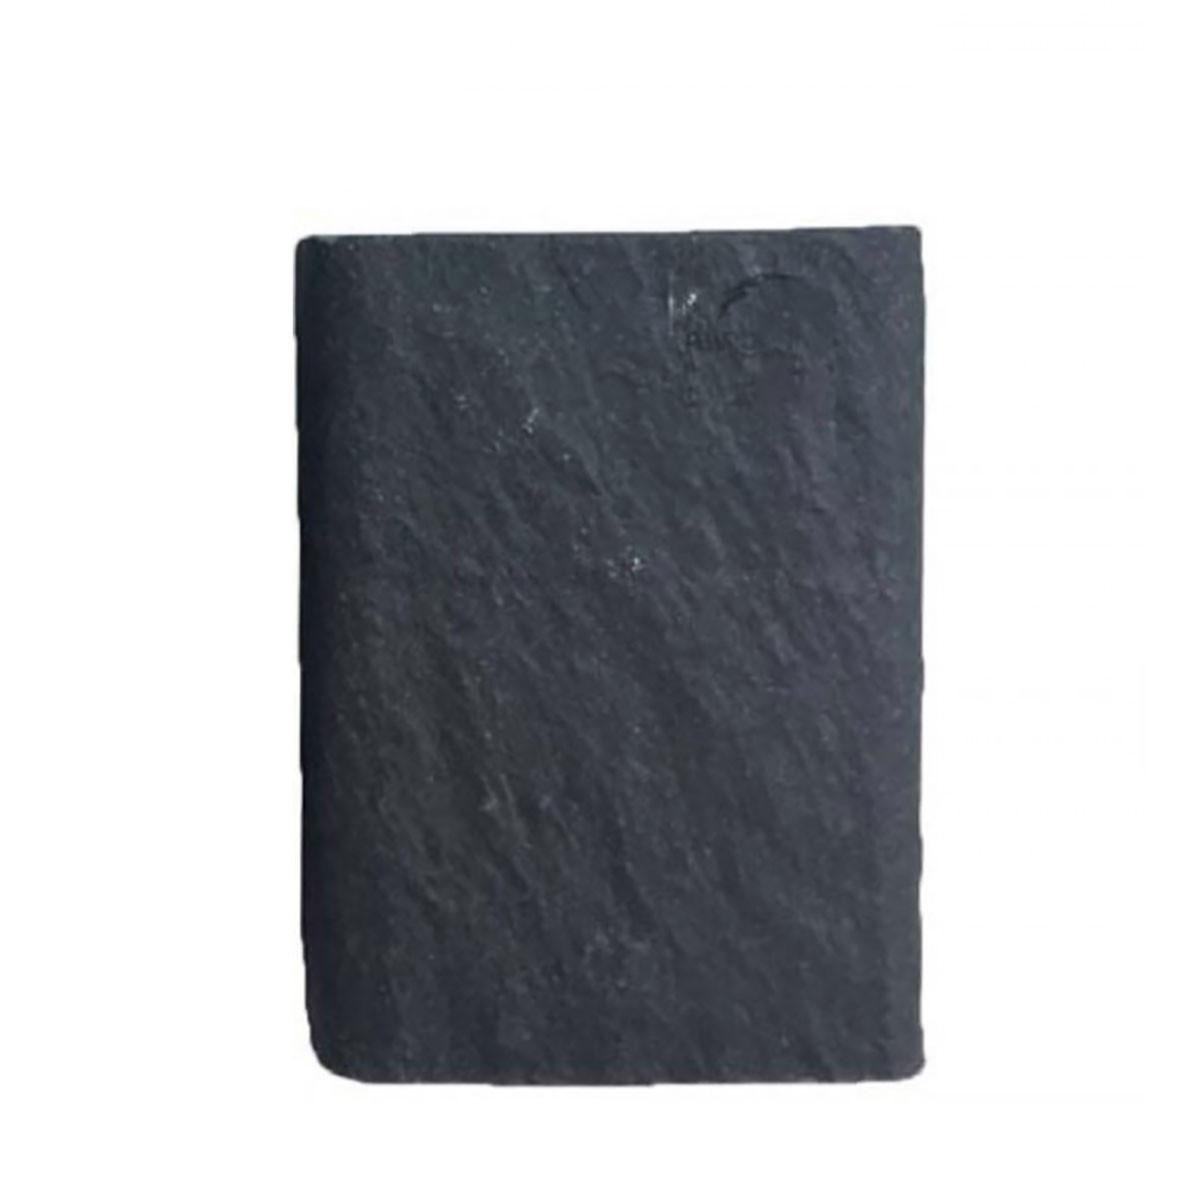 Ποτήρι Οδοντόβουρτσας Spirella 02814.002 Petra Anthracite